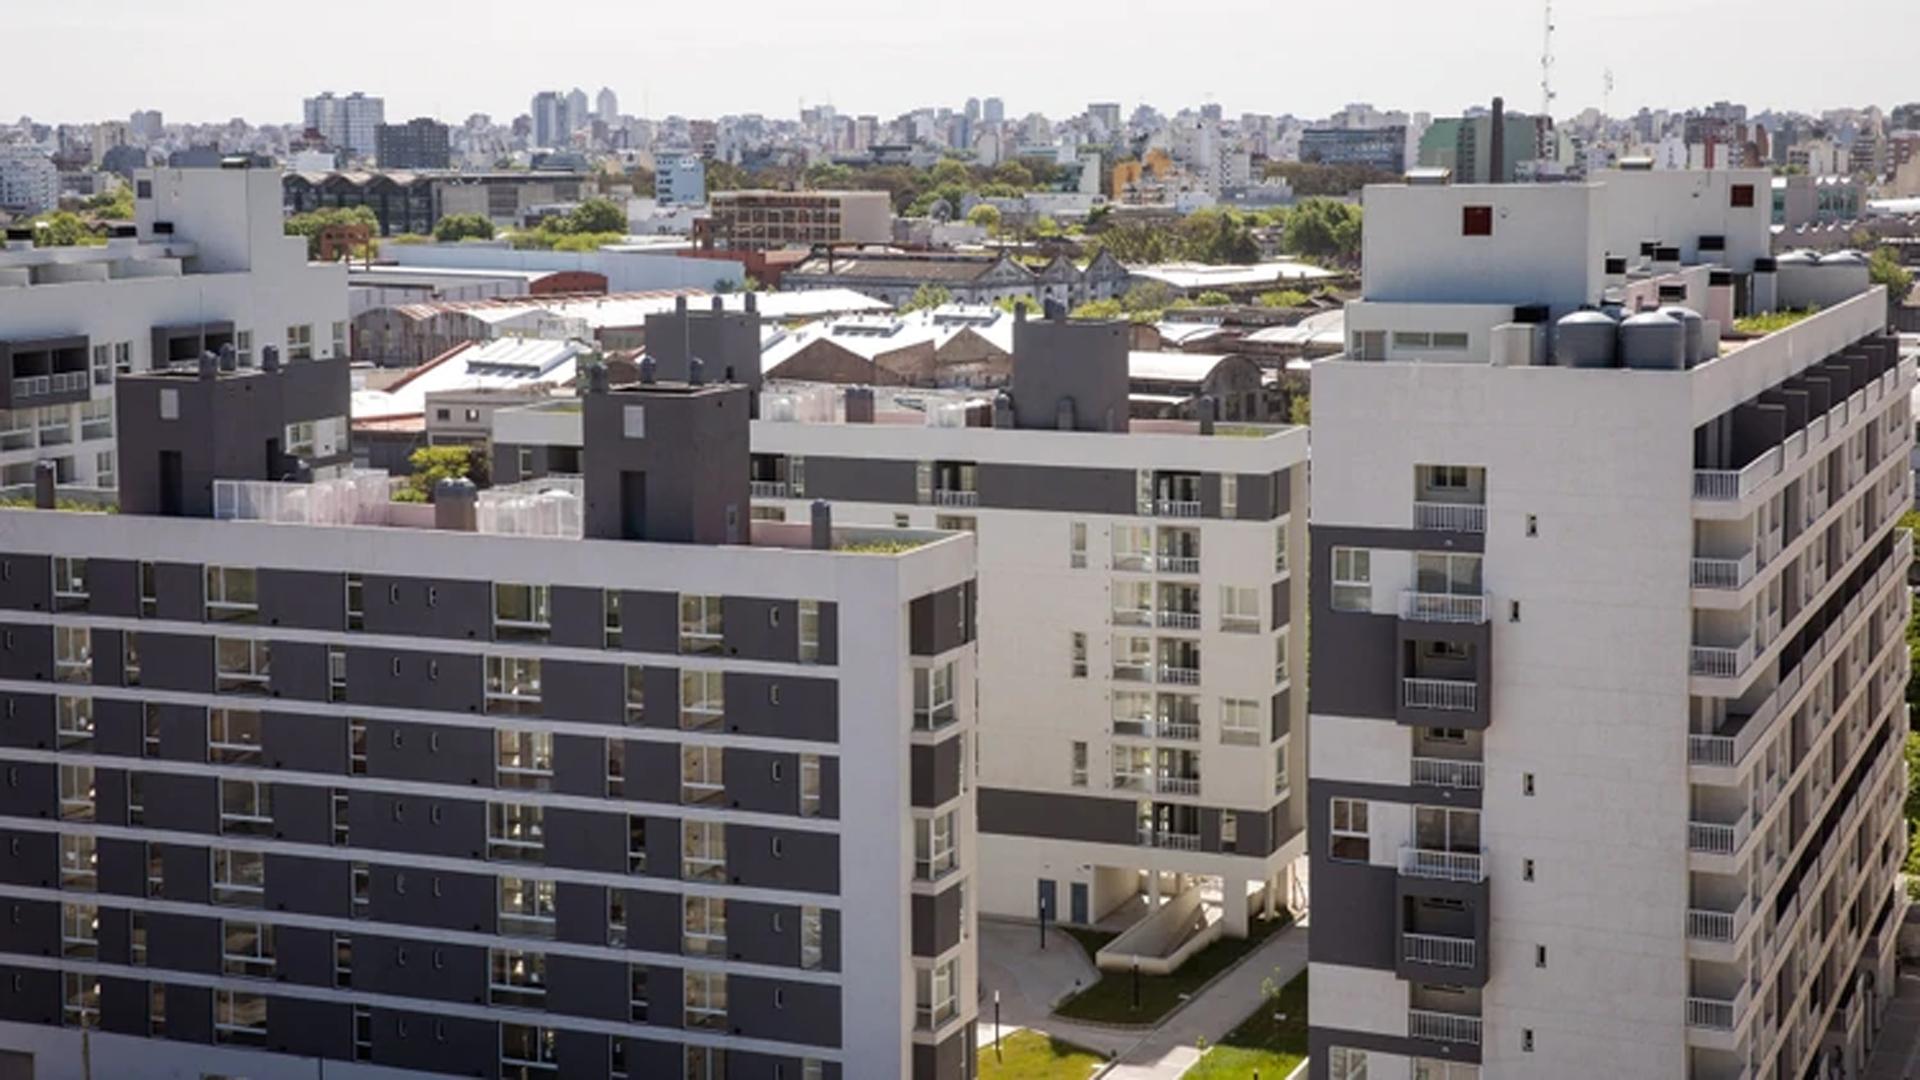 Viviendas del Plan Procrear en el barrio de Parque Patricios